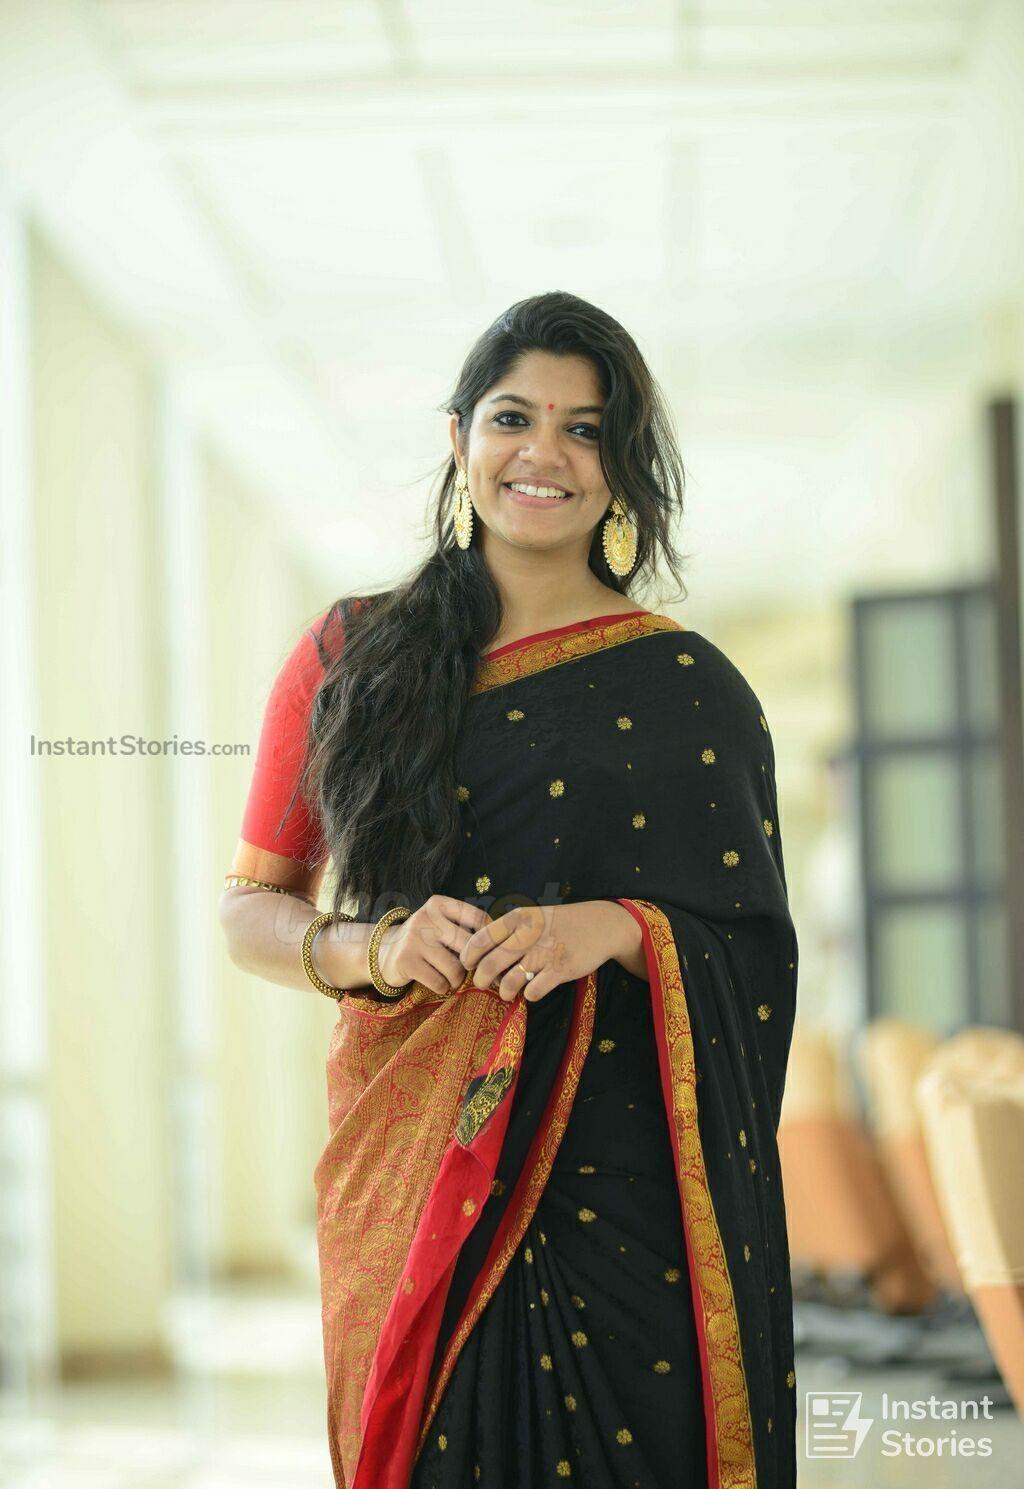 Pin on Aparna Balamurali Wallpapers